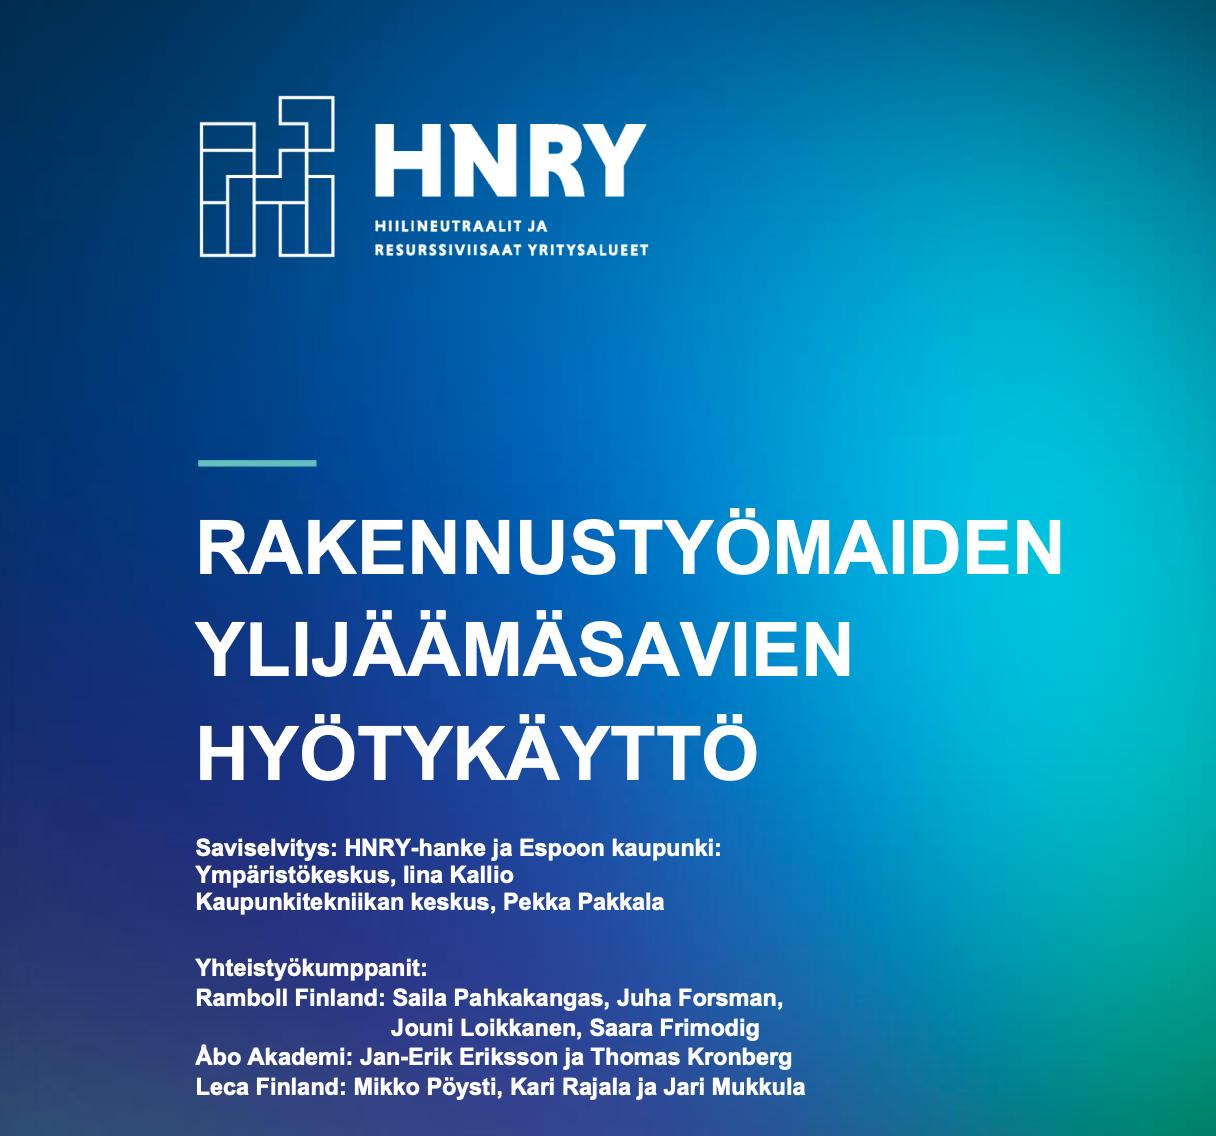 Cover for article 'Rakennustyömaiden ylijäämäsavien hyötykäyttö'